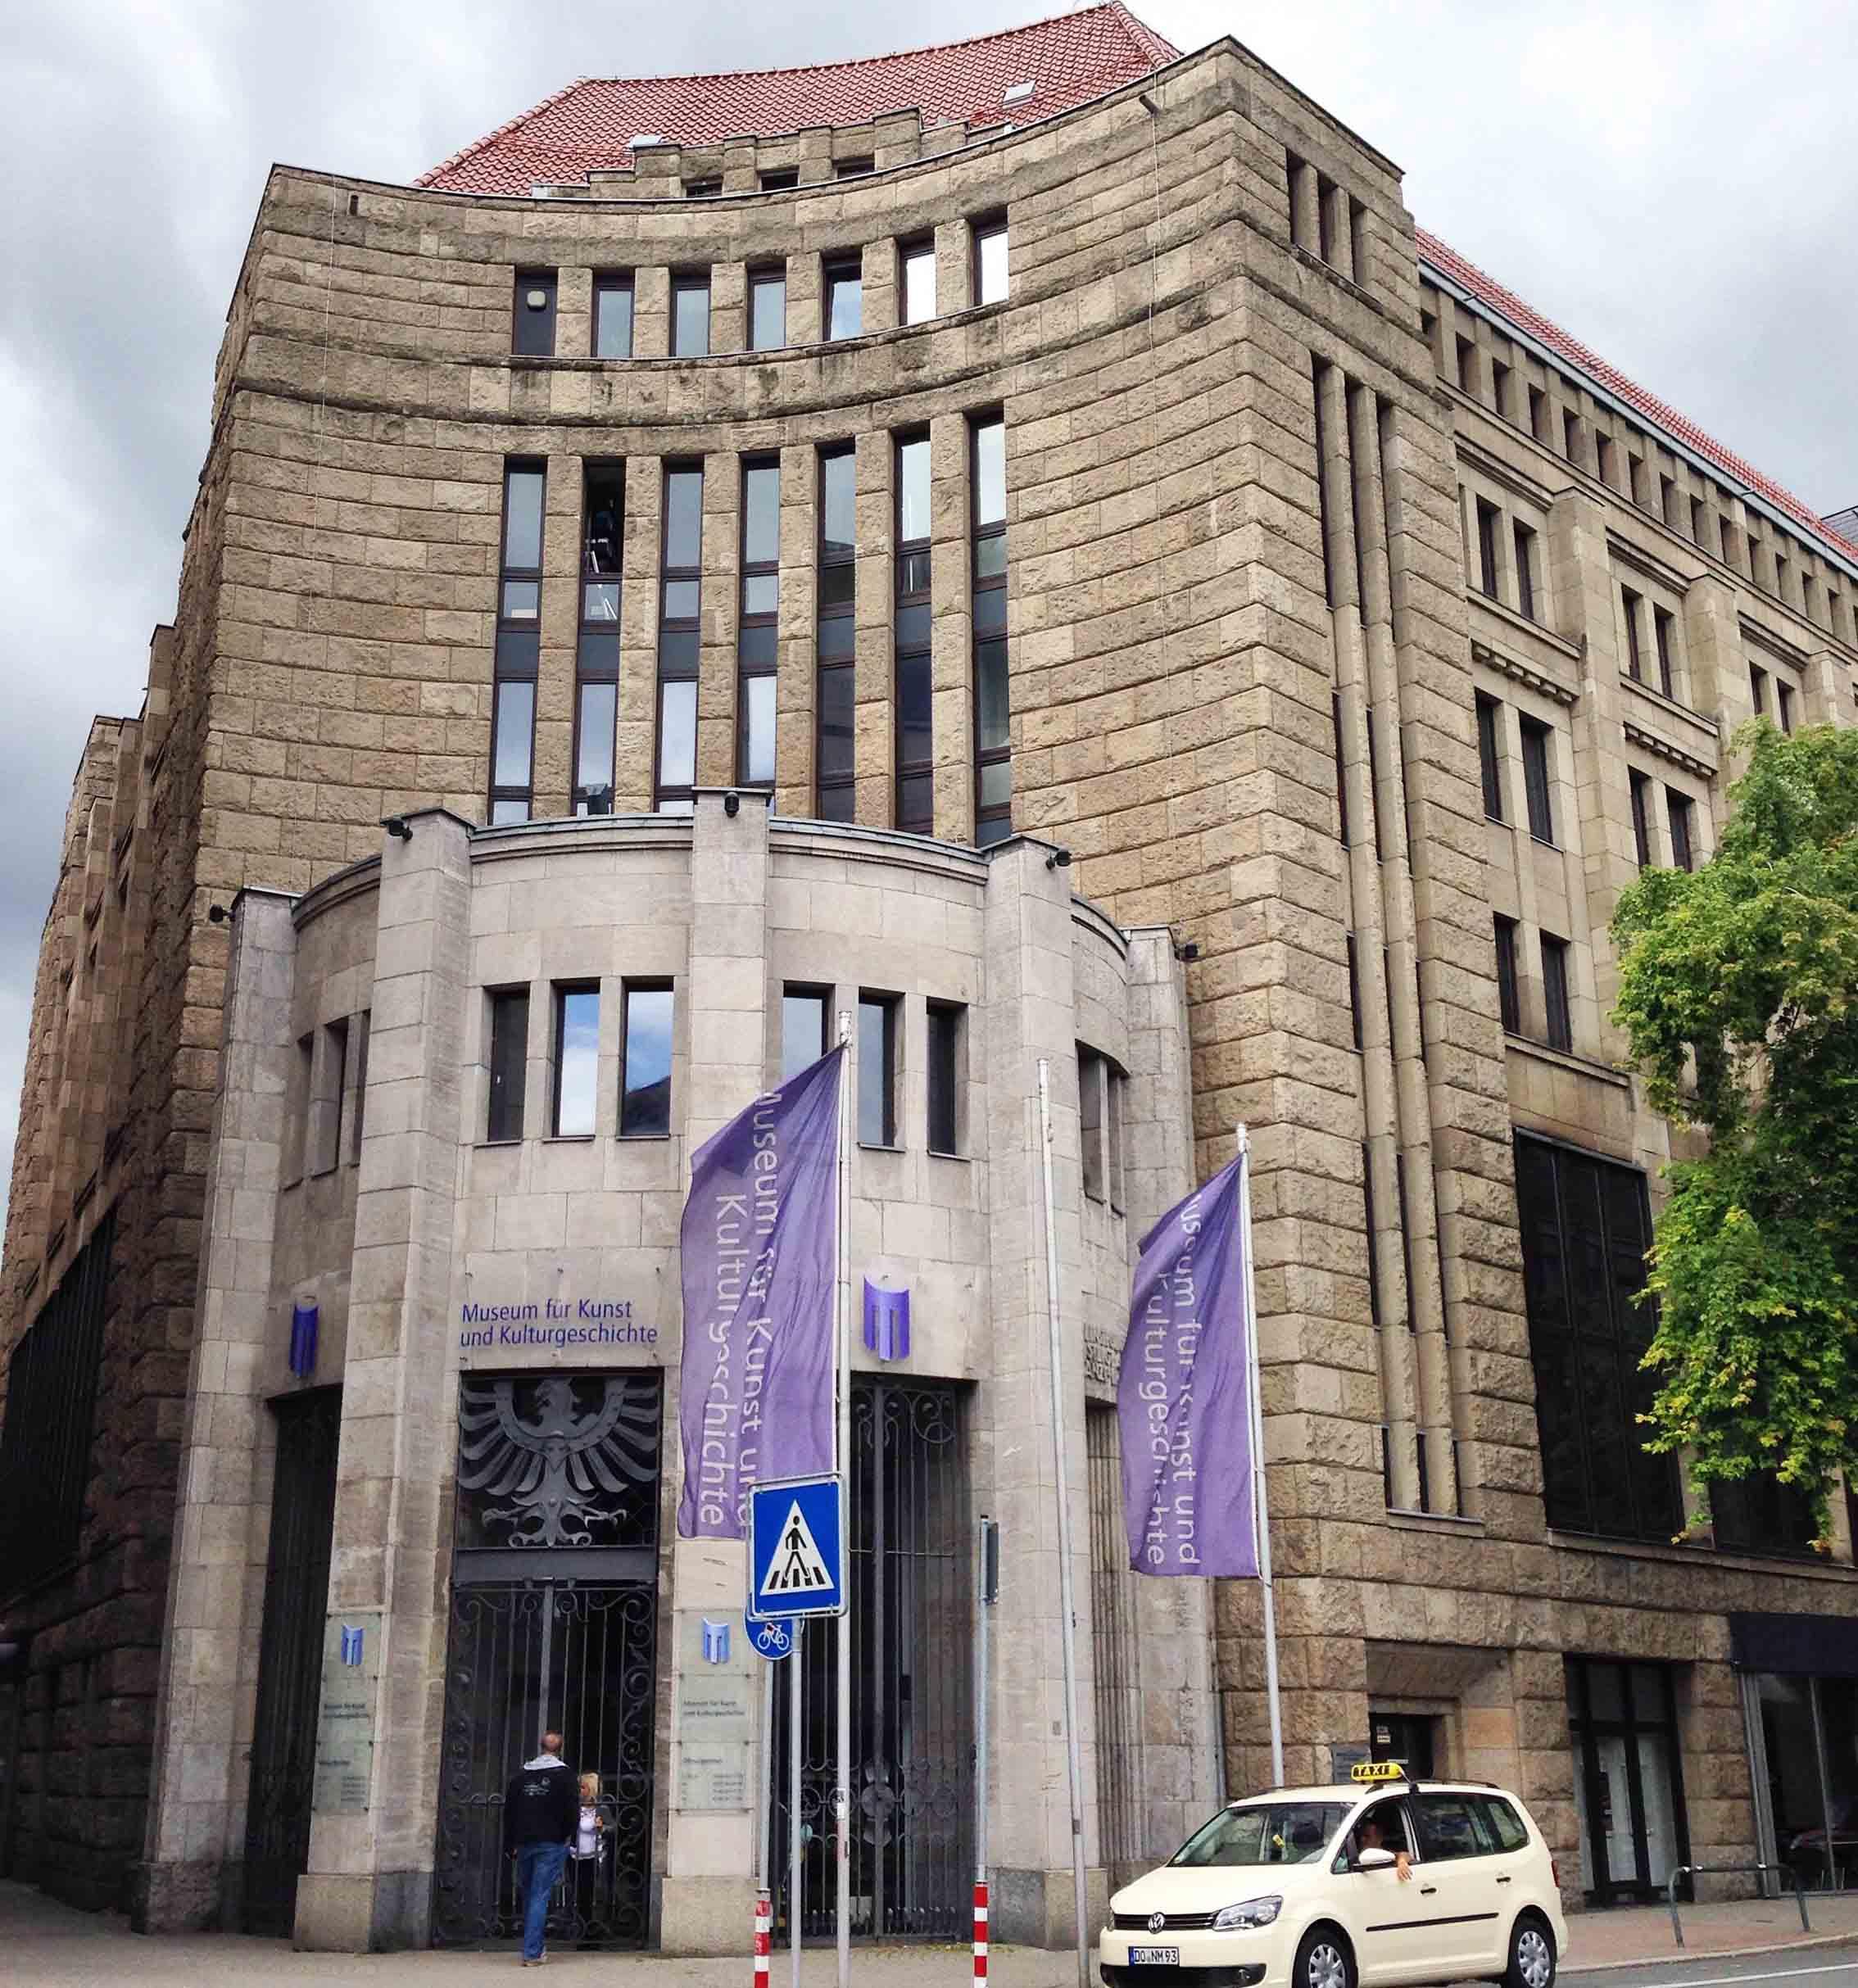 dortmund-museum-fur-kunst-und-kulturgeschichte